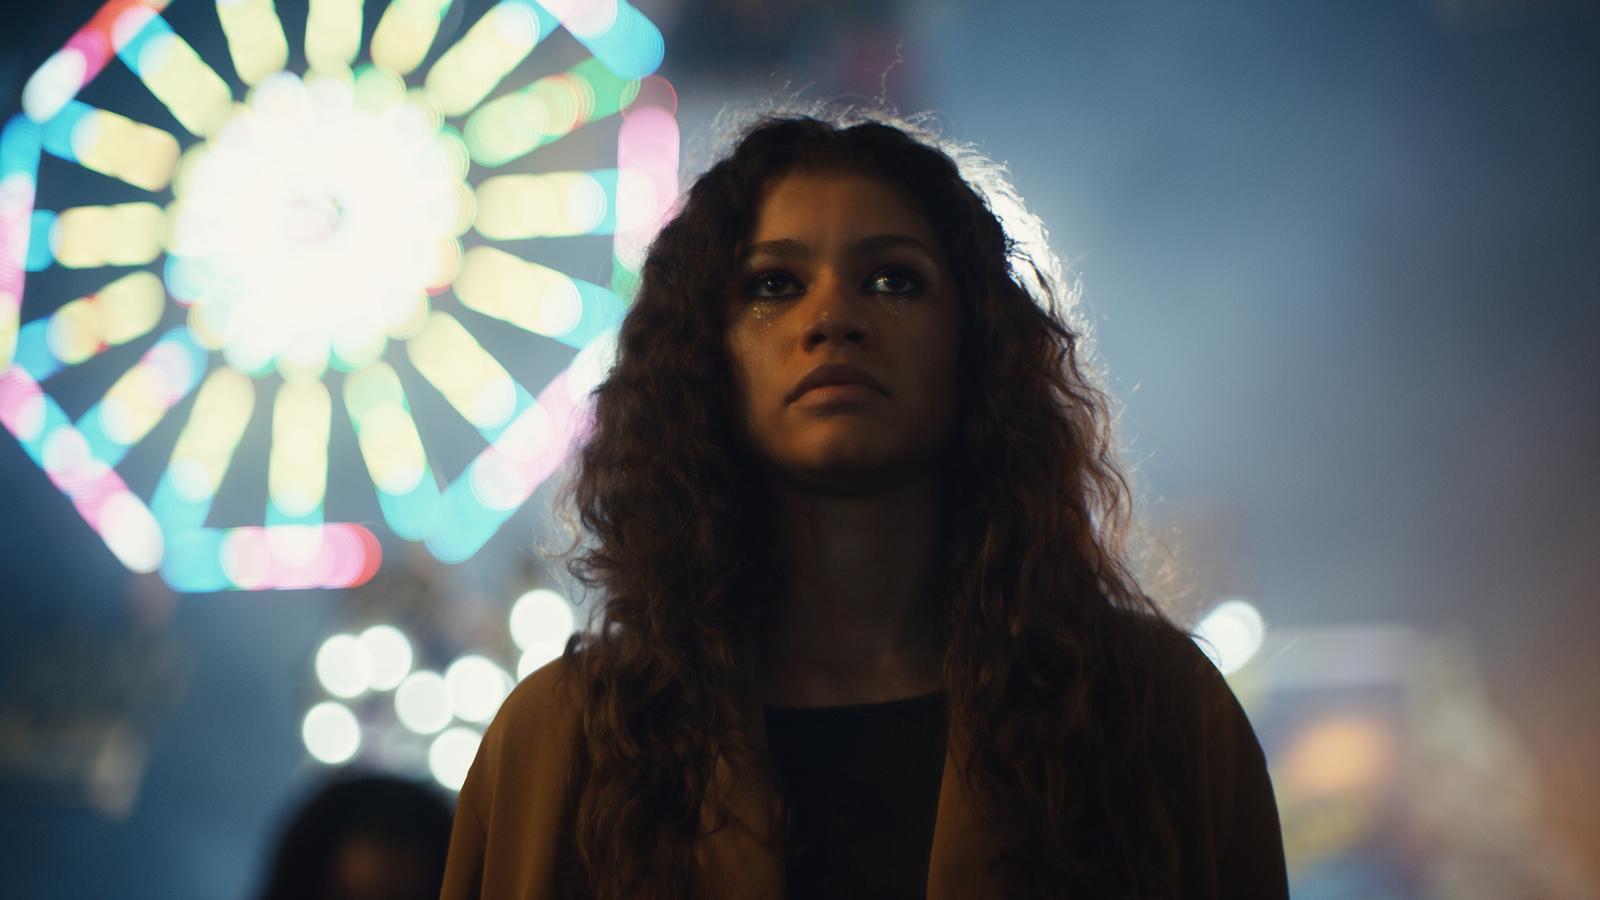 La HBO emetrà alertes sobre salut mental abans de les seves sèries